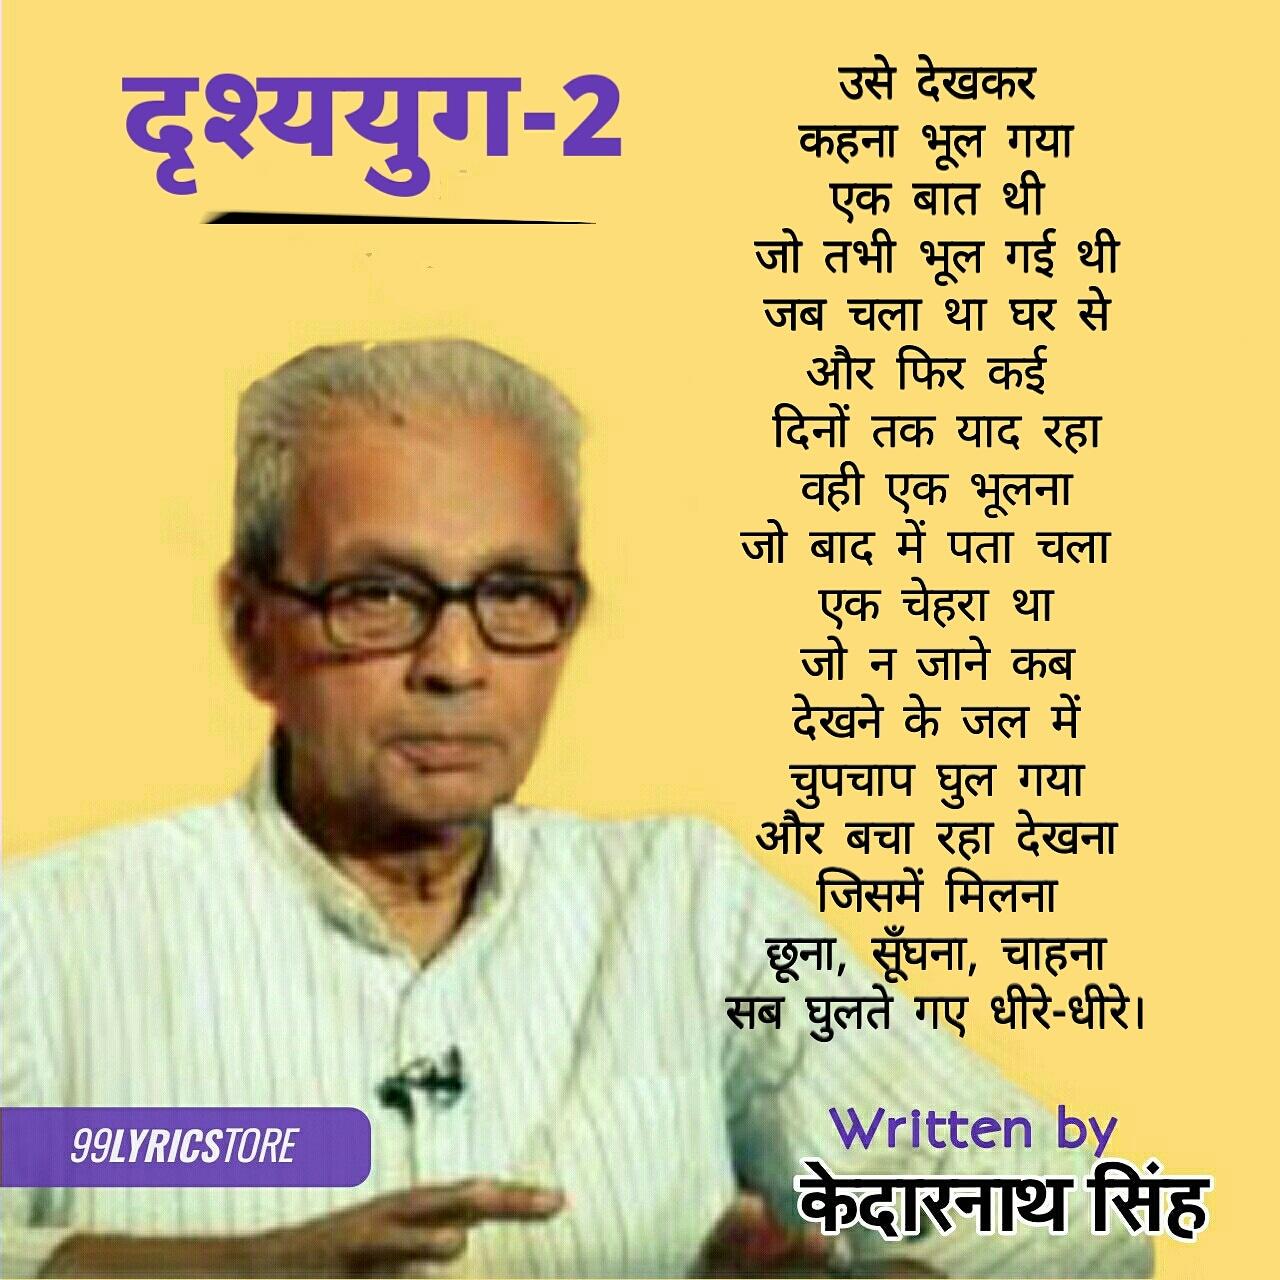 'दृश्ययुग-2' कविता केदारनाथ सिंह जी द्वारा रचित एक हिन्दी कविता है जो 'उत्तर कबीर और अन्य कविताएँ' नामक कविता-संग्रह में संकलित हैं।